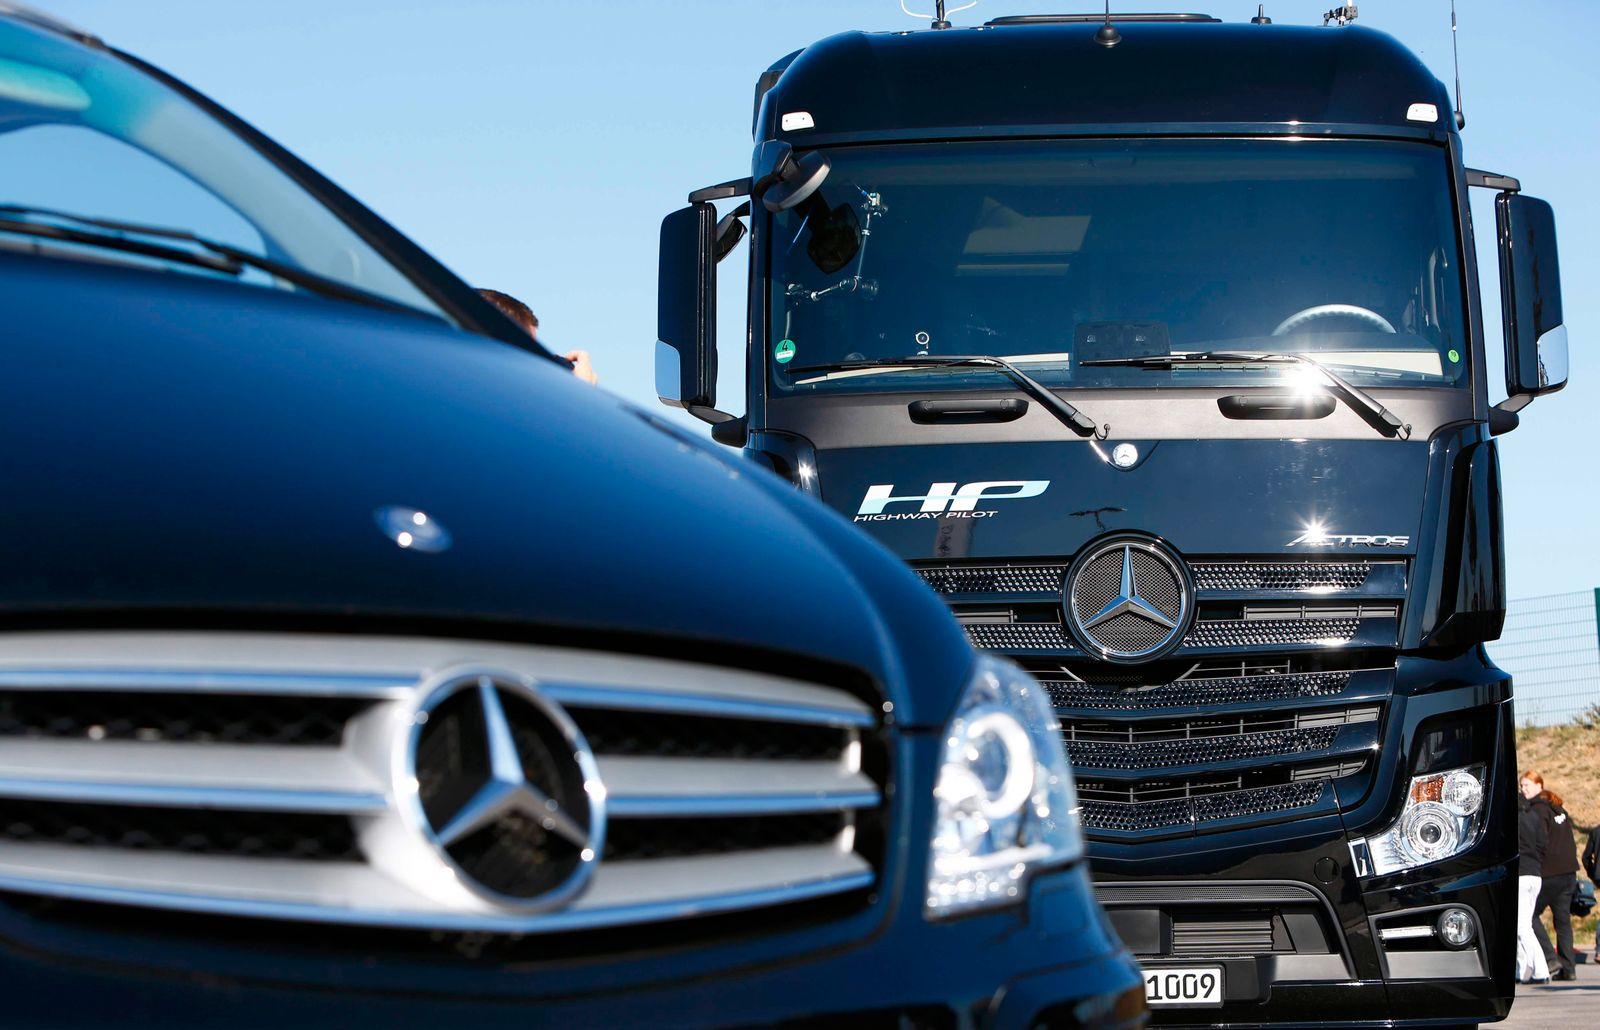 Premiere of Mercedes-Benz autonomous truck Actros driving along public highway between Denkendorf and Stuttgart